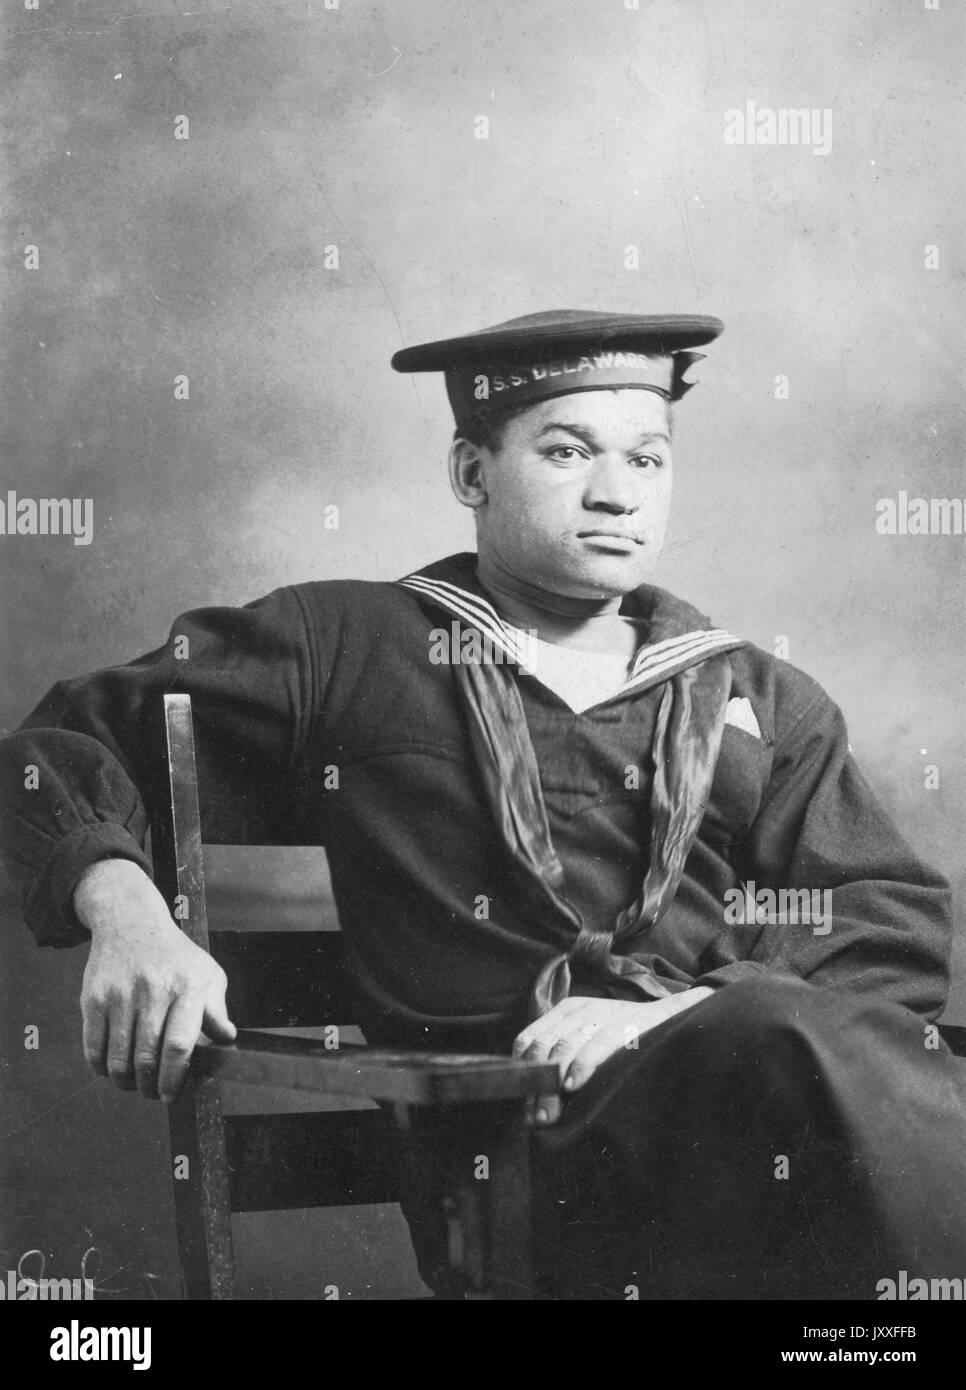 Las tres cuartas partes retrato de un afro-americano de la I Guerra Mundial us navy sailor, sentado, vistiendo uniforme, expresión facial neutra, 1920. Imagen De Stock